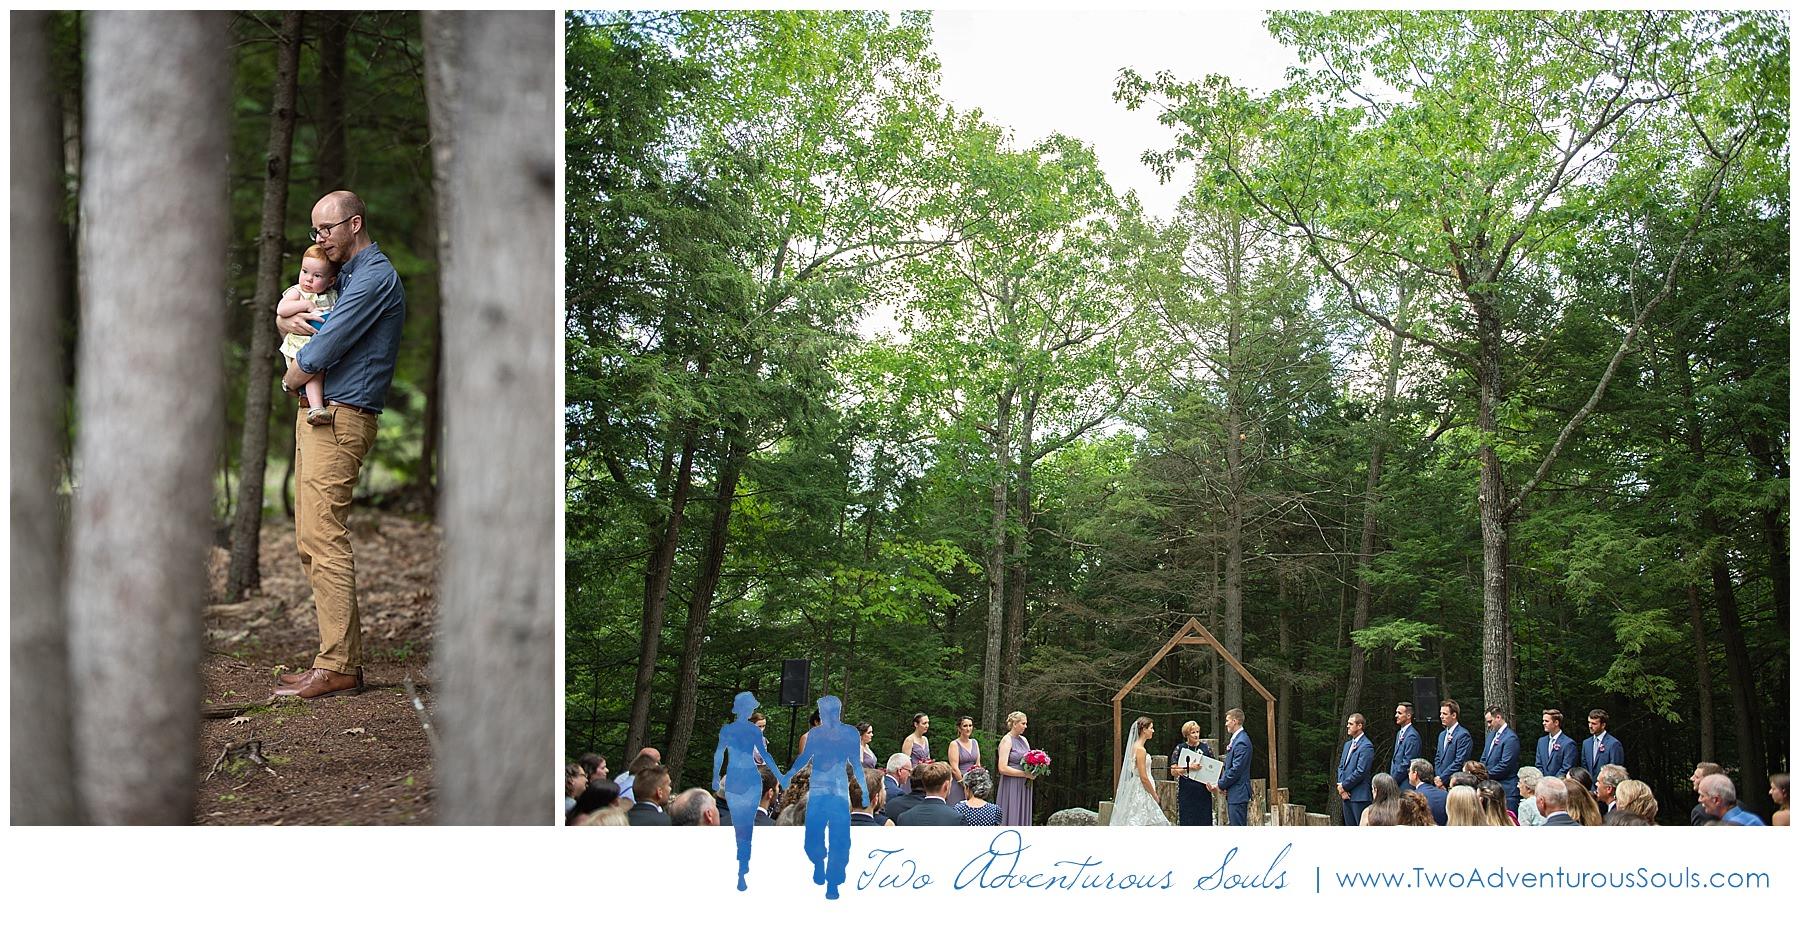 Maine Wedding Photographers, Granite Ridge Estate Wedding Photographers, Two Adventurous Souls - 080319_0039.jpg